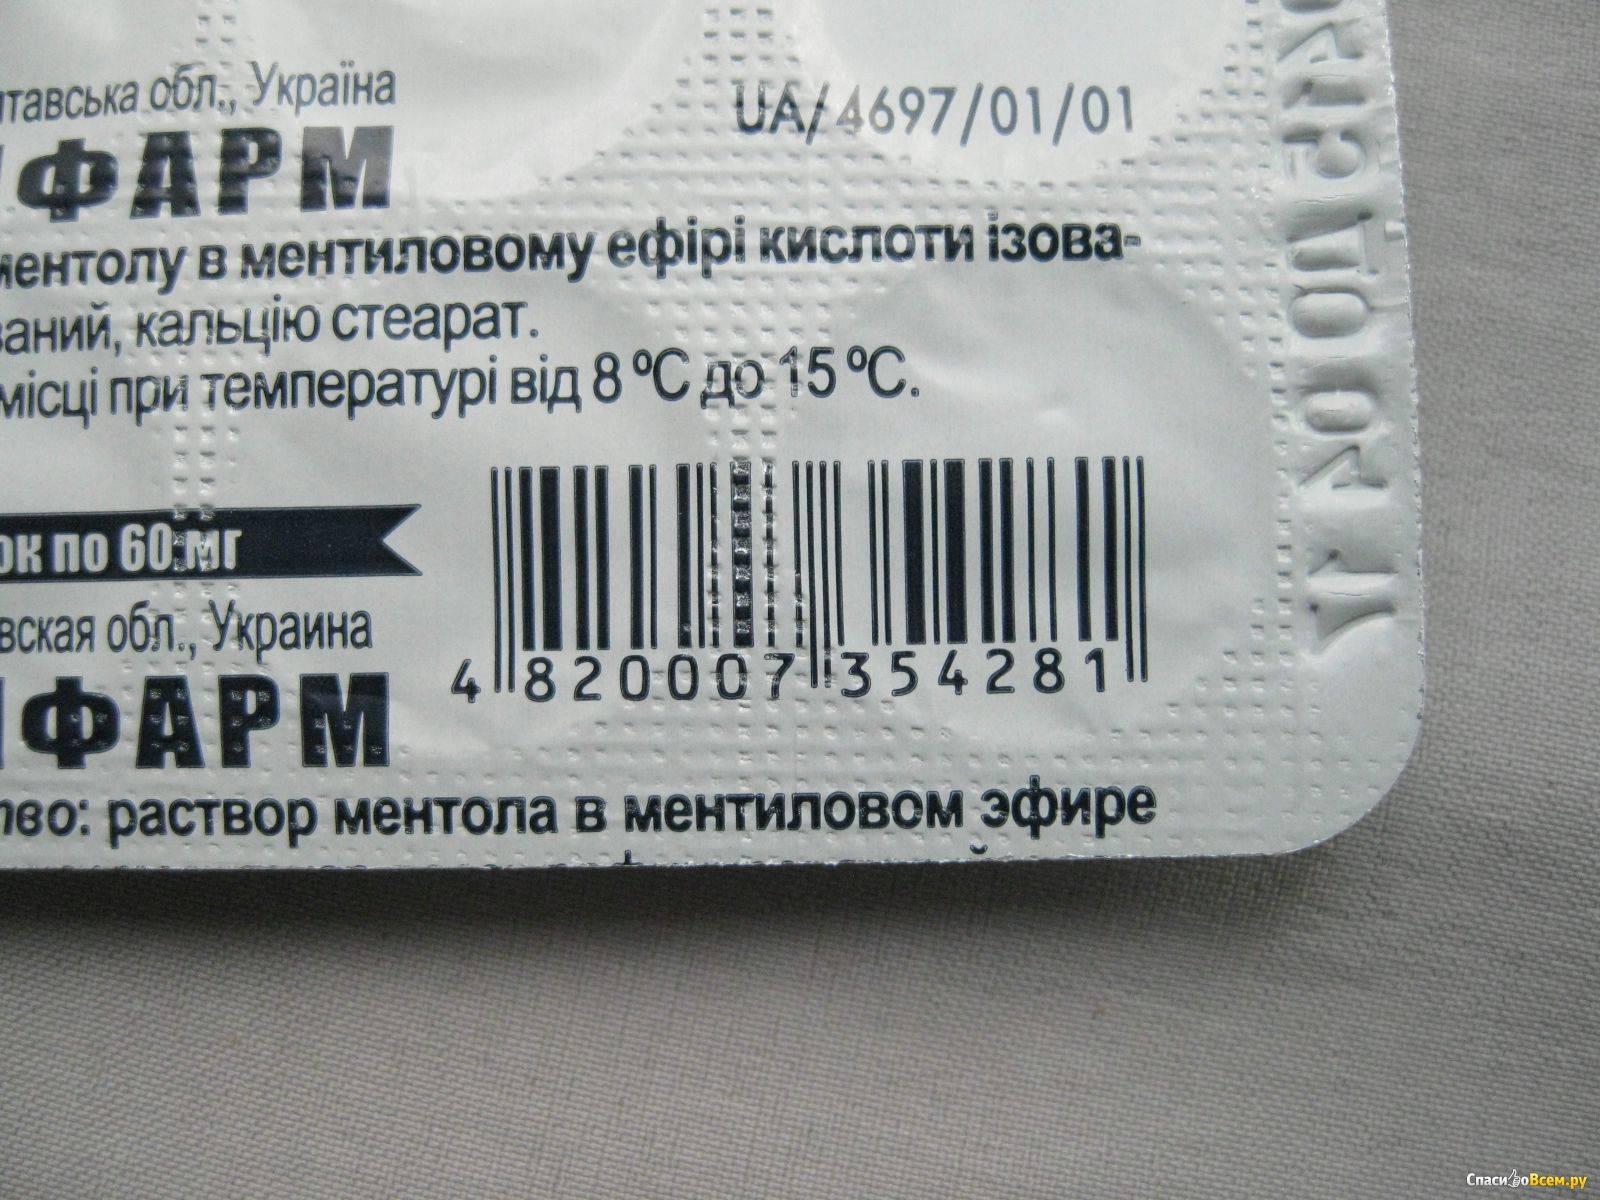 Эстер-с плюс. инструкция по применению. справочник лекарств, медикаментов, бад